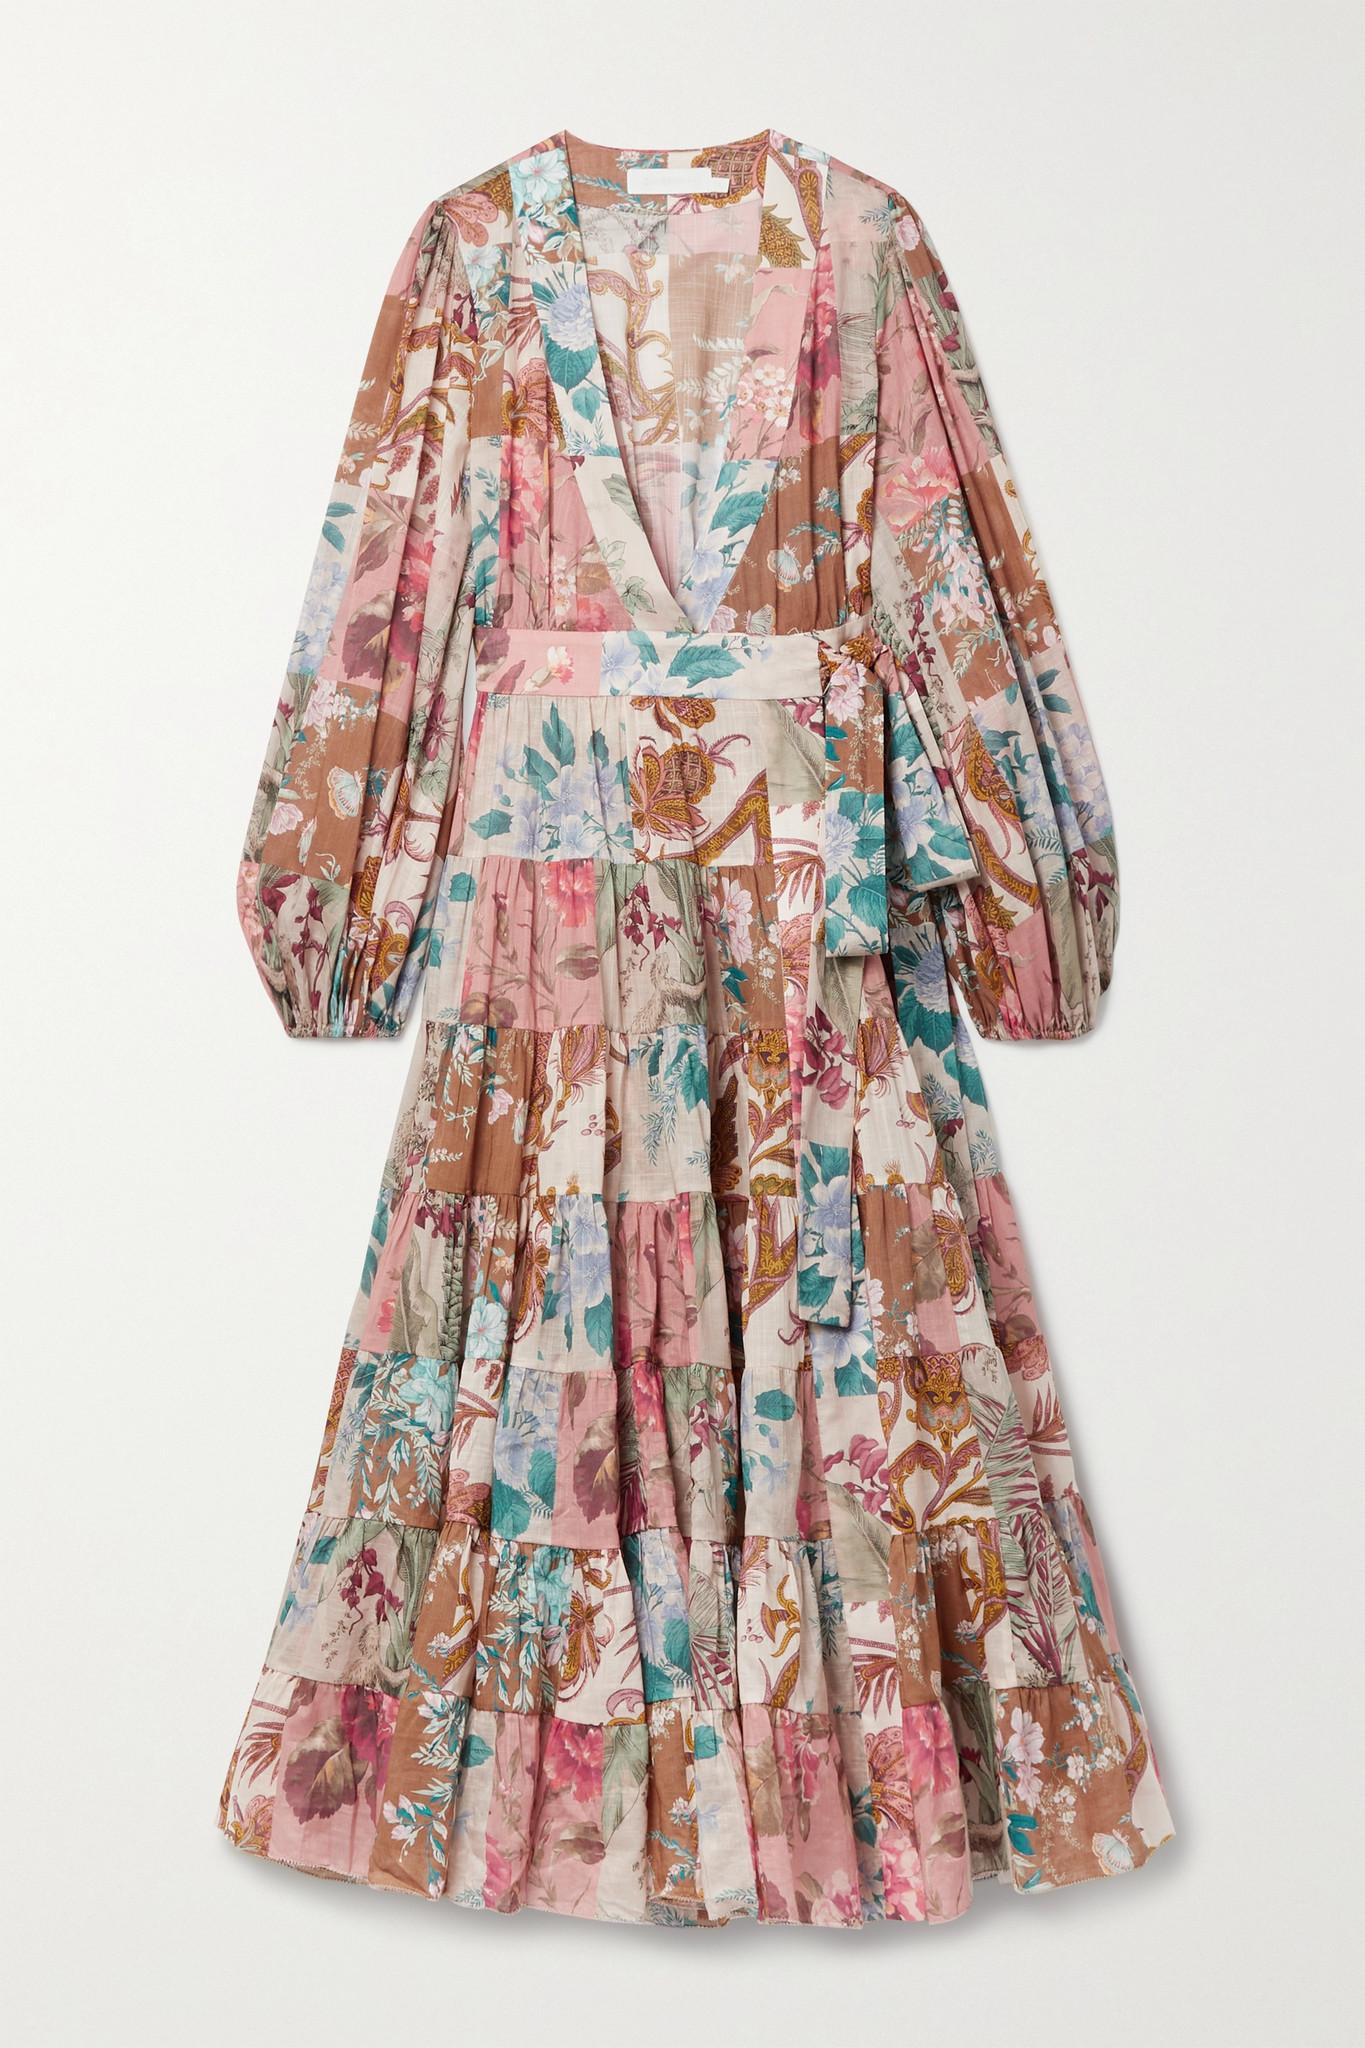 ZIMMERMANN - Cassia Patchwork Floral-print Cotton-voile Wrap Dress - Neutrals - 1